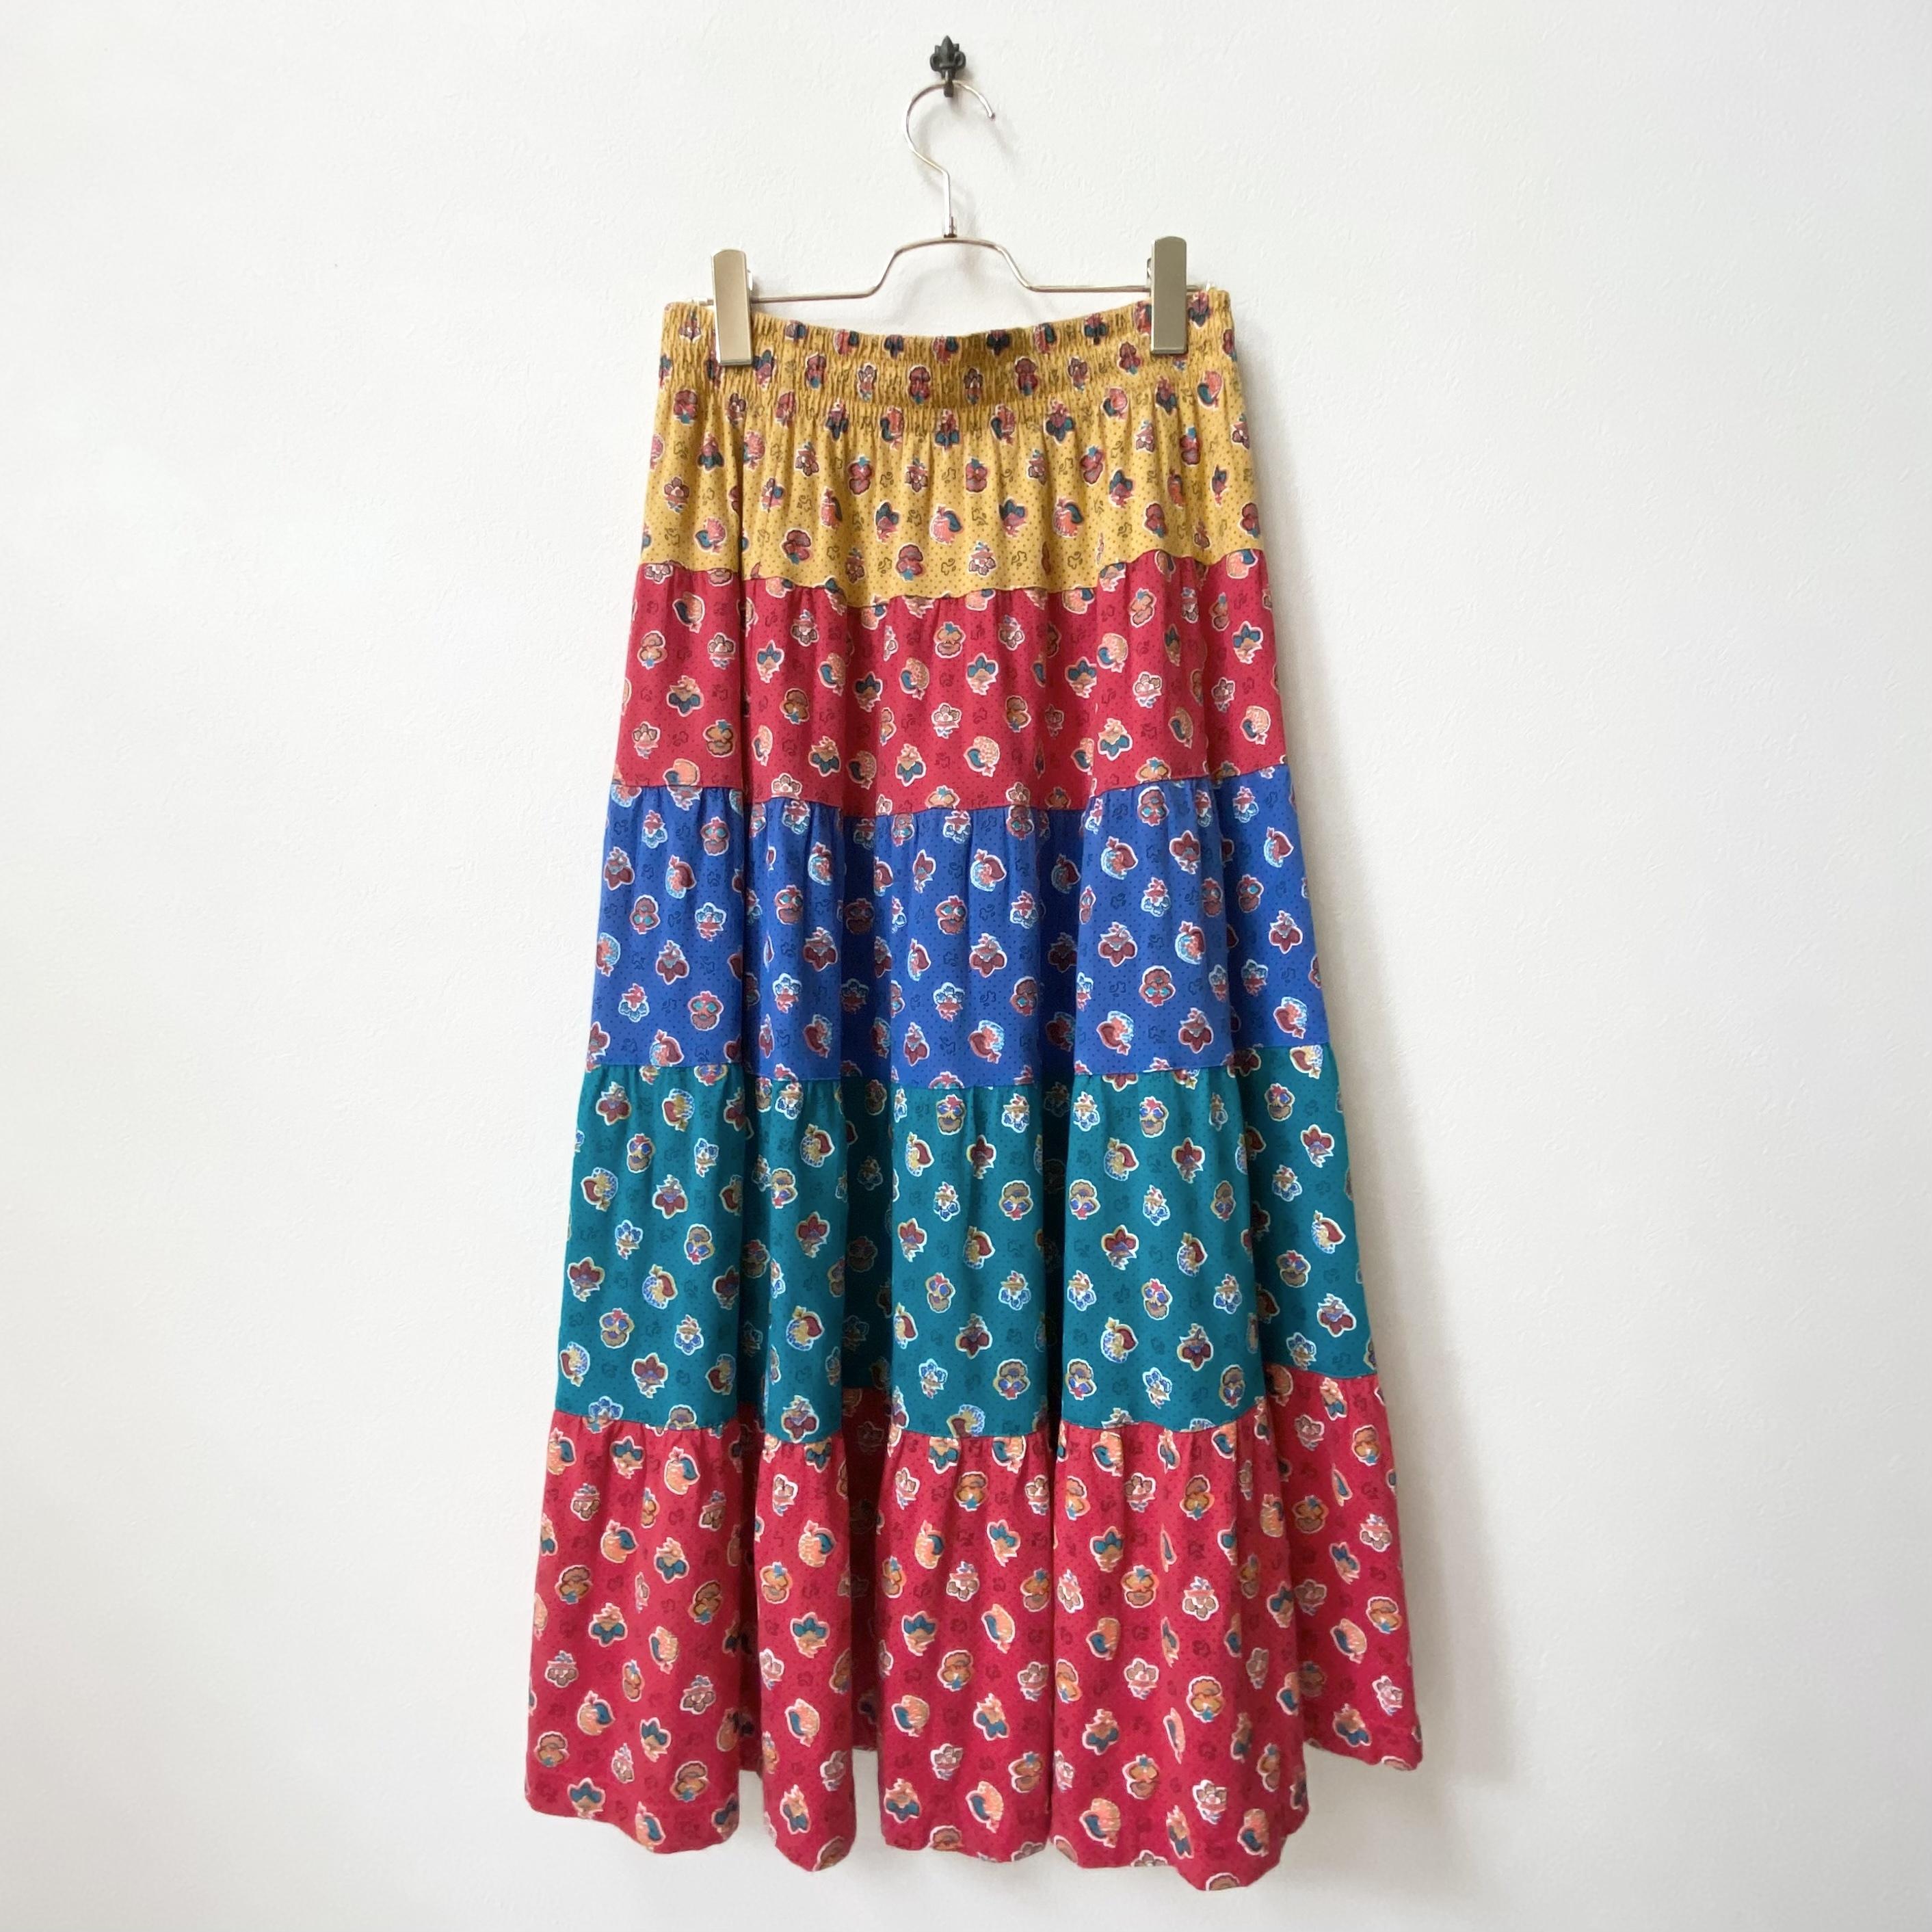 70〜80年代 マルチカラー プリント柄 ティアードロングスカート アメリカ 古着 L〜LL